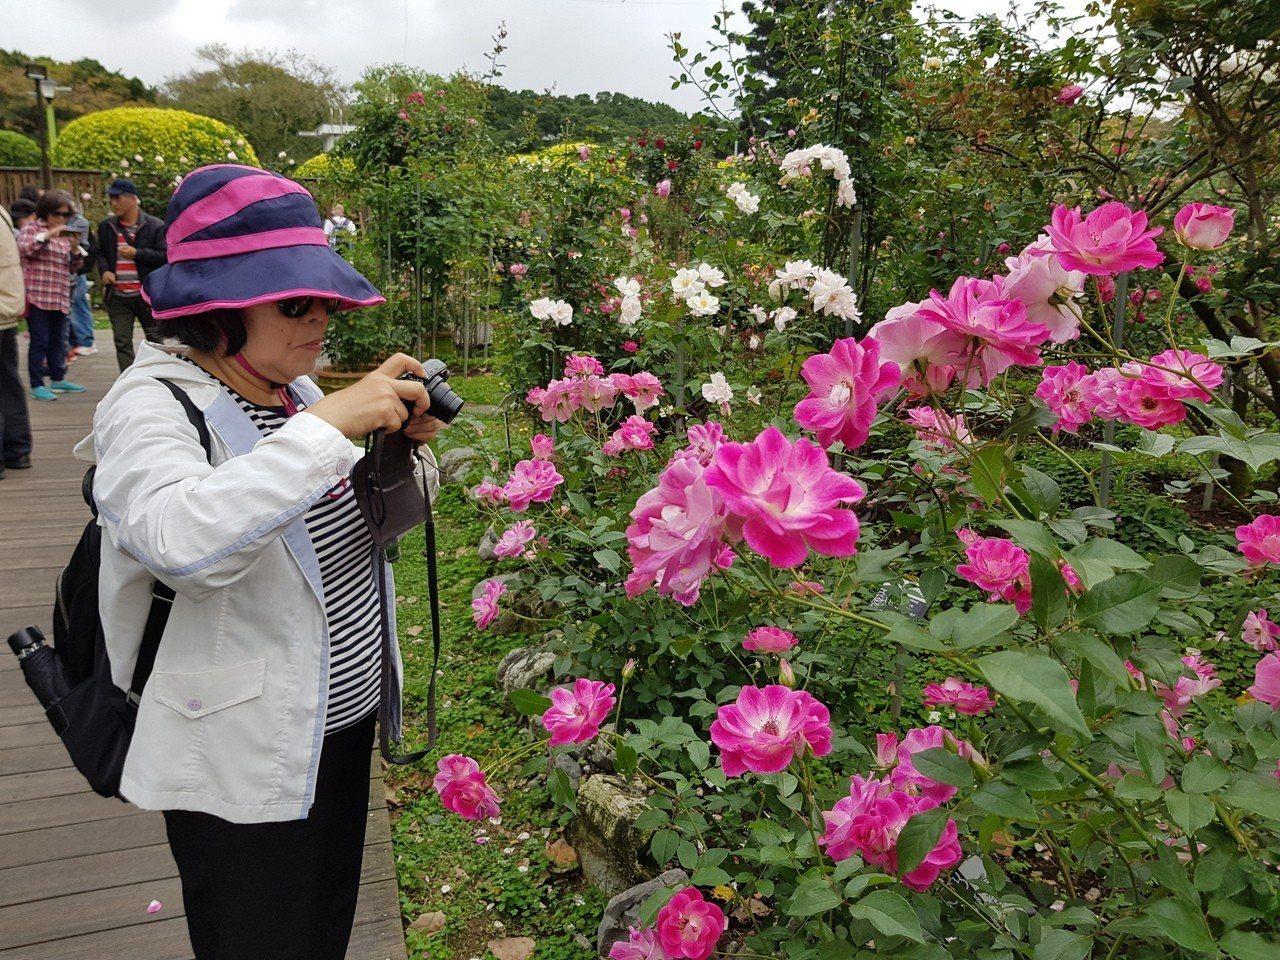 北市新生公園「台北玫瑰園」玫瑰展今天正式開幕,將展至4月8日,玫瑰園品種區玫瑰已...